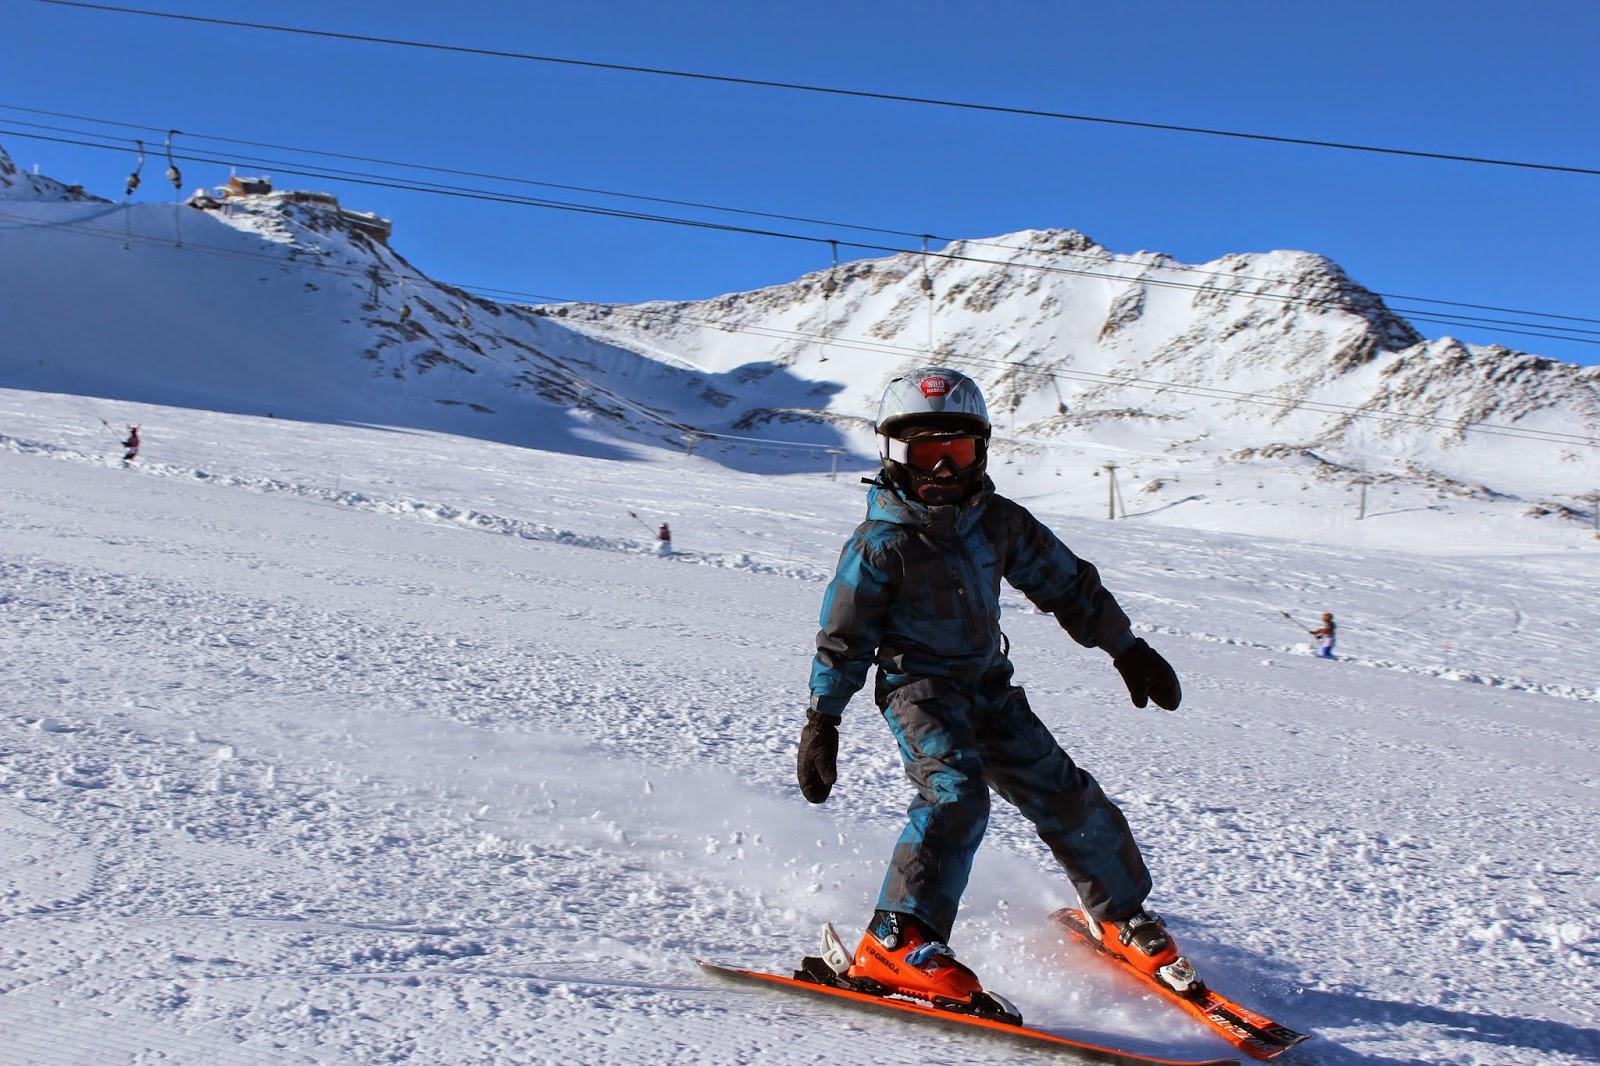 dzieci na nartach, jak uczyć dzieci jazdy na nartach, ski italia, włochy narty, gwarancja pogody, snow